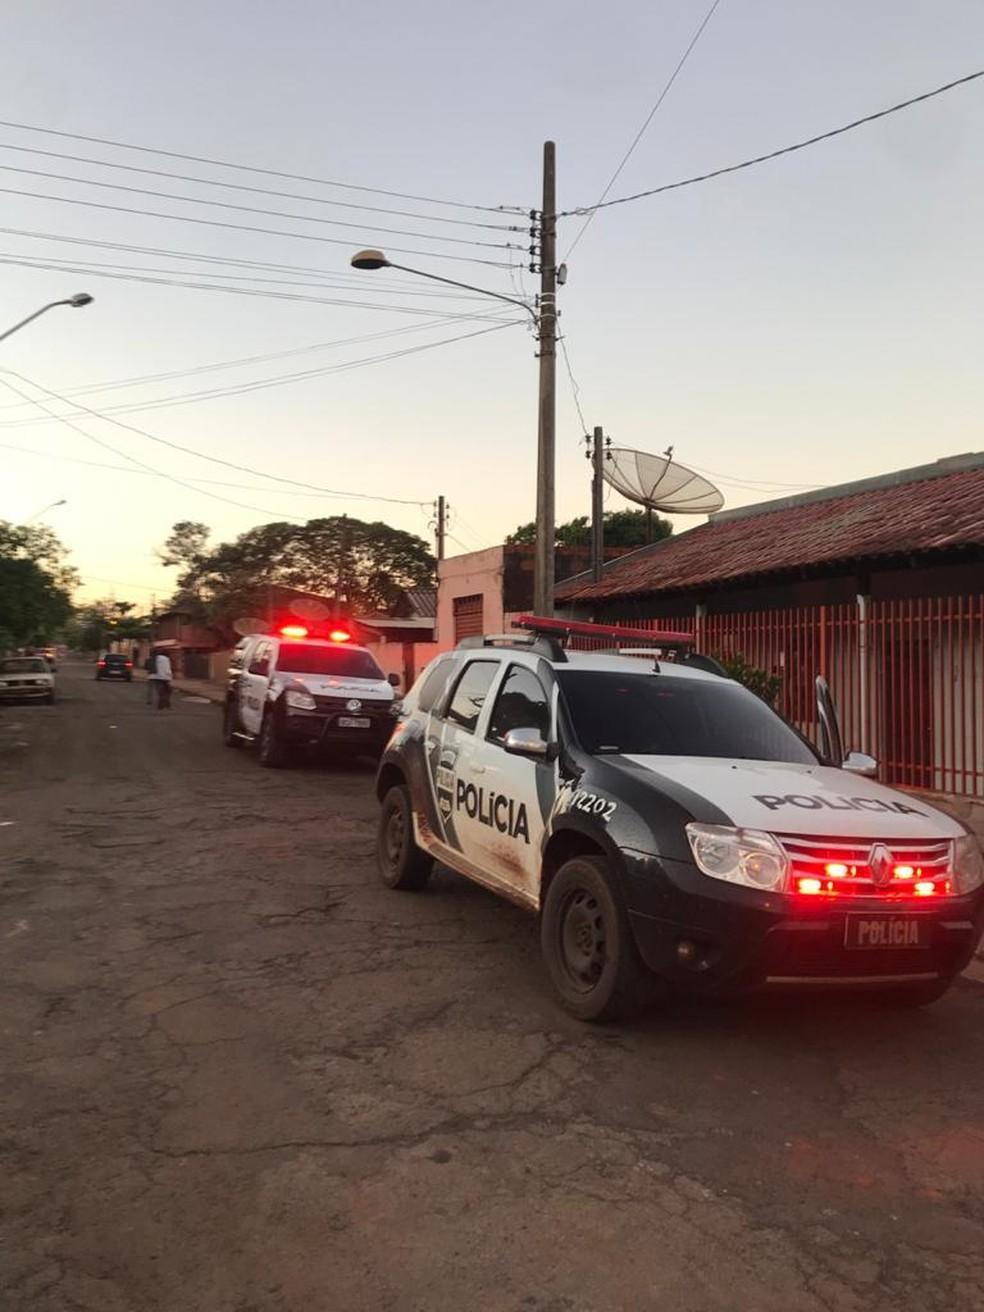 Alvos são suspeitos de fazer delivery de drogas em Andirá — Foto: Imagens cedidas/Cleverson Rodrigues/Radio Cabiuna